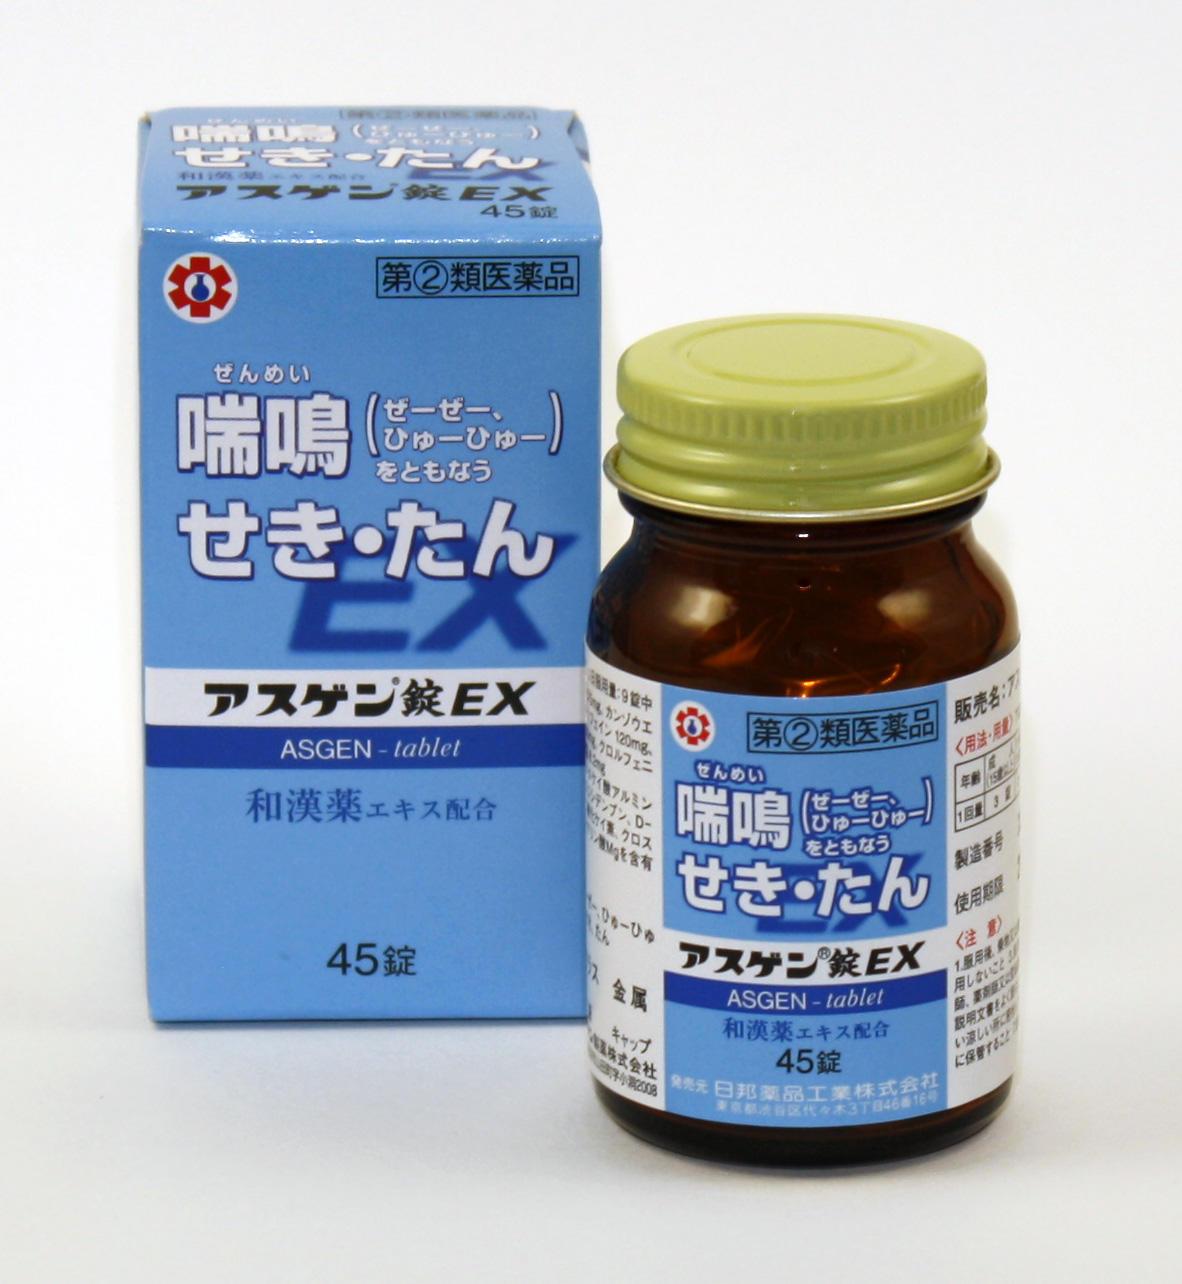 ASGEN Granules EX Tablets